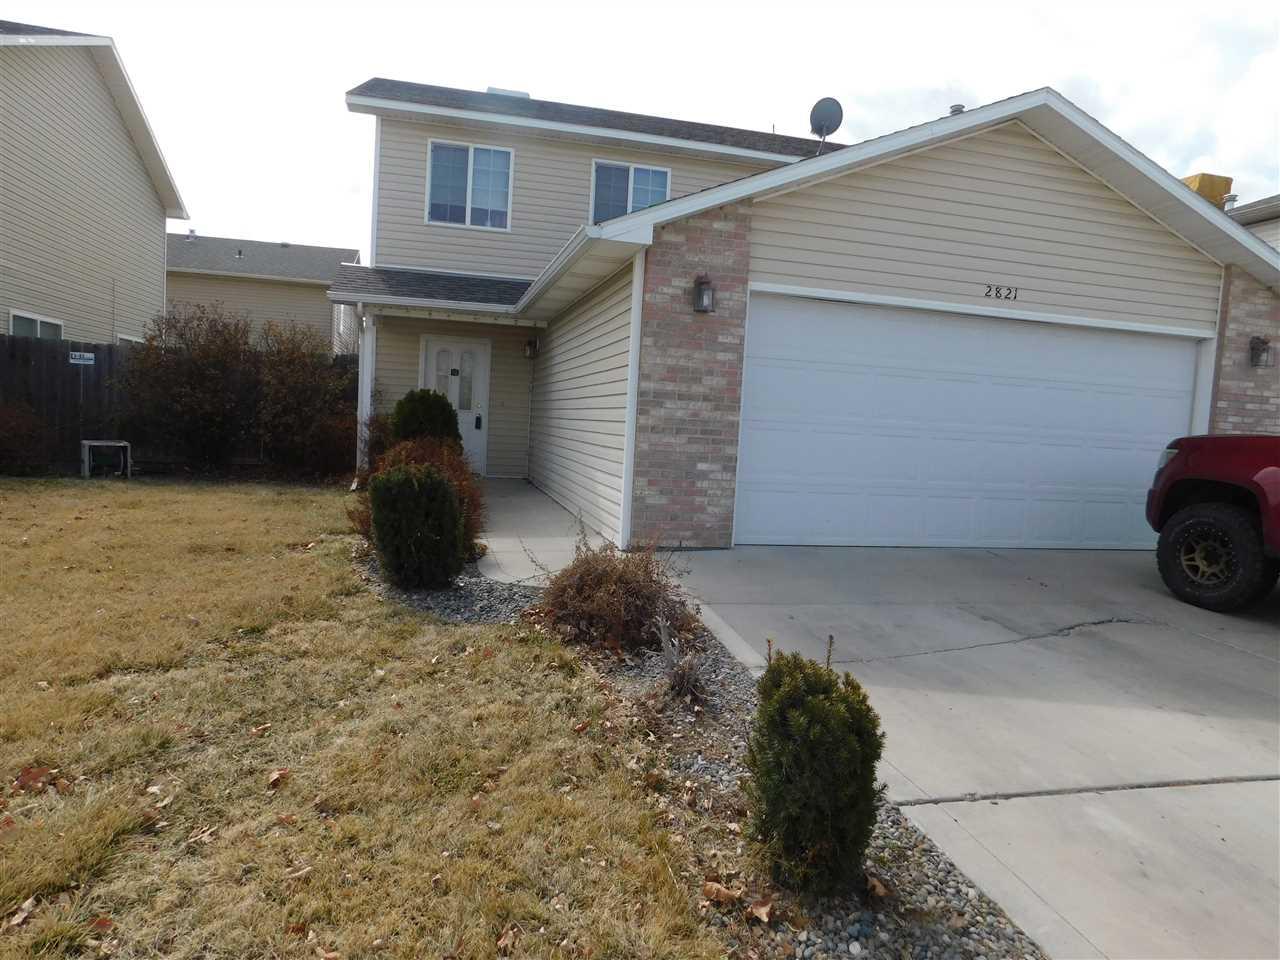 2821 Village Park Drive, Grand Junction, CO 81506